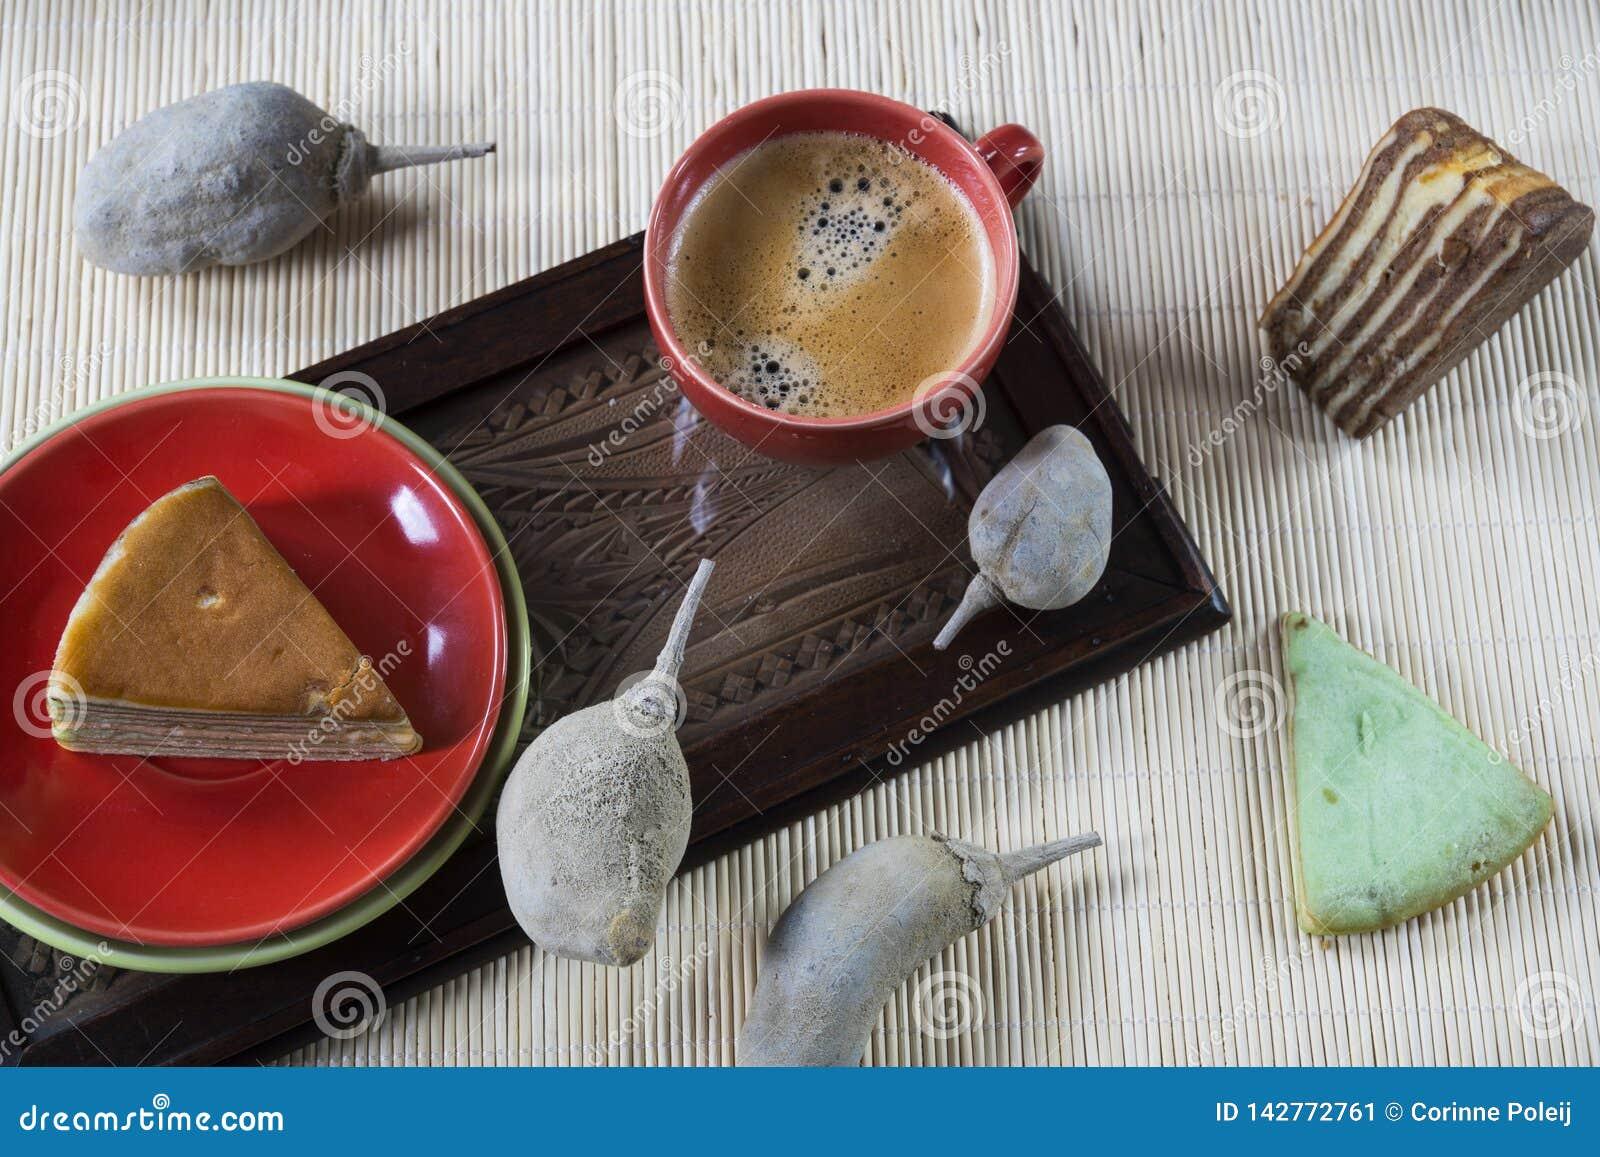 """Πολυ βαλμένο σε στρώσεις κέικ αποκαλούμενο """"νόμιμο λάπις λάζουλι """"ή """"spekkoek """"από την Ινδονησία"""